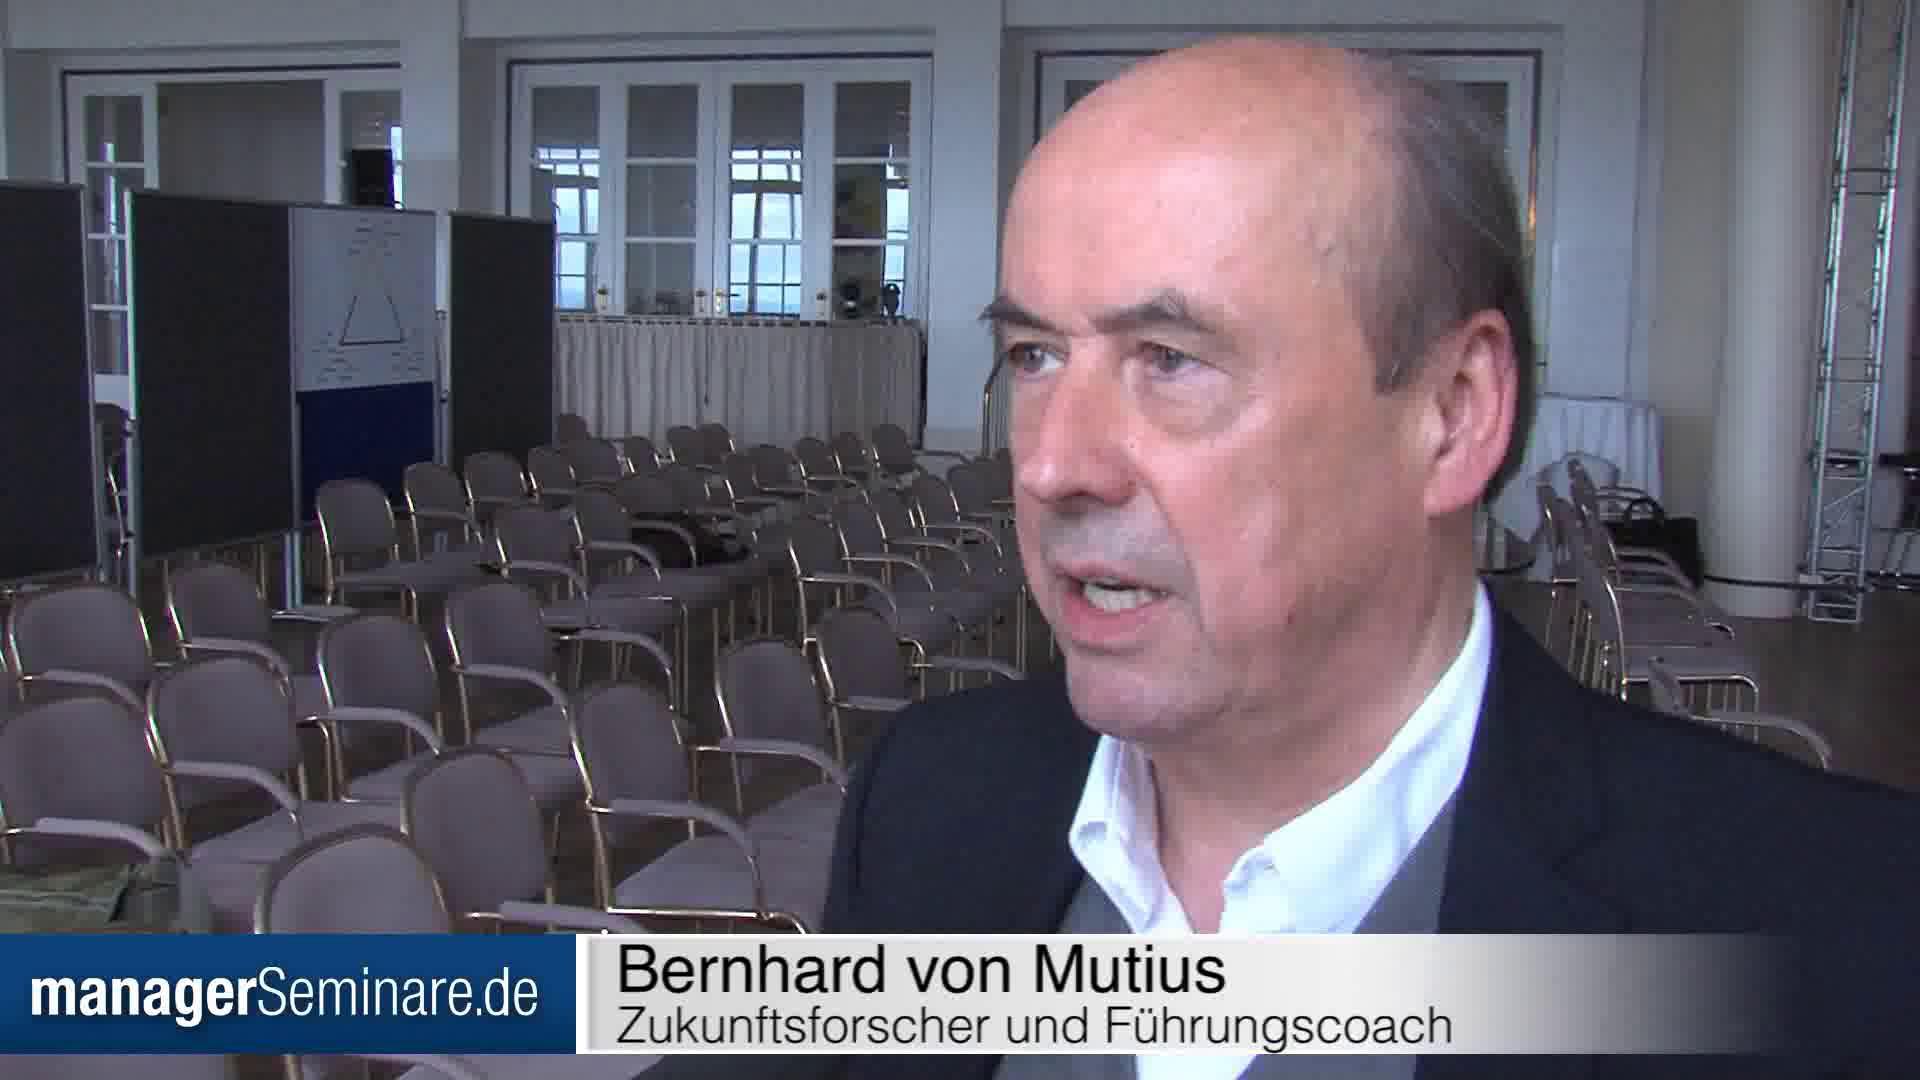 Link Bernhard von Mutius: 'Wir müssen mit Disruptionen umgehen lernen'